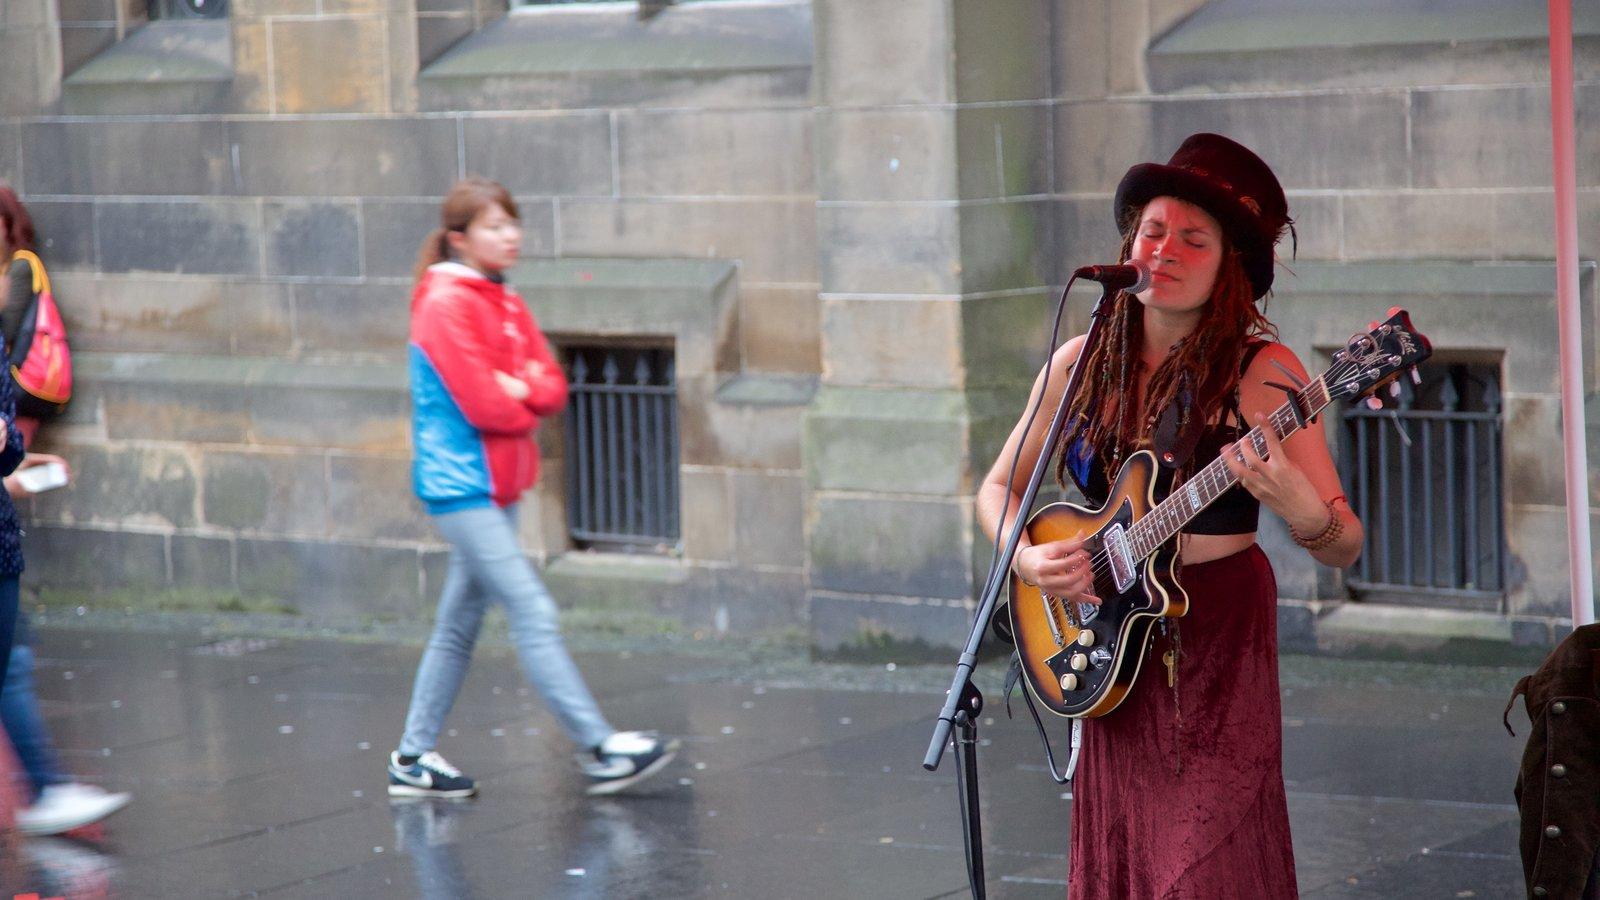 Old Town ofreciendo escenas urbanas, actuación callejera y música